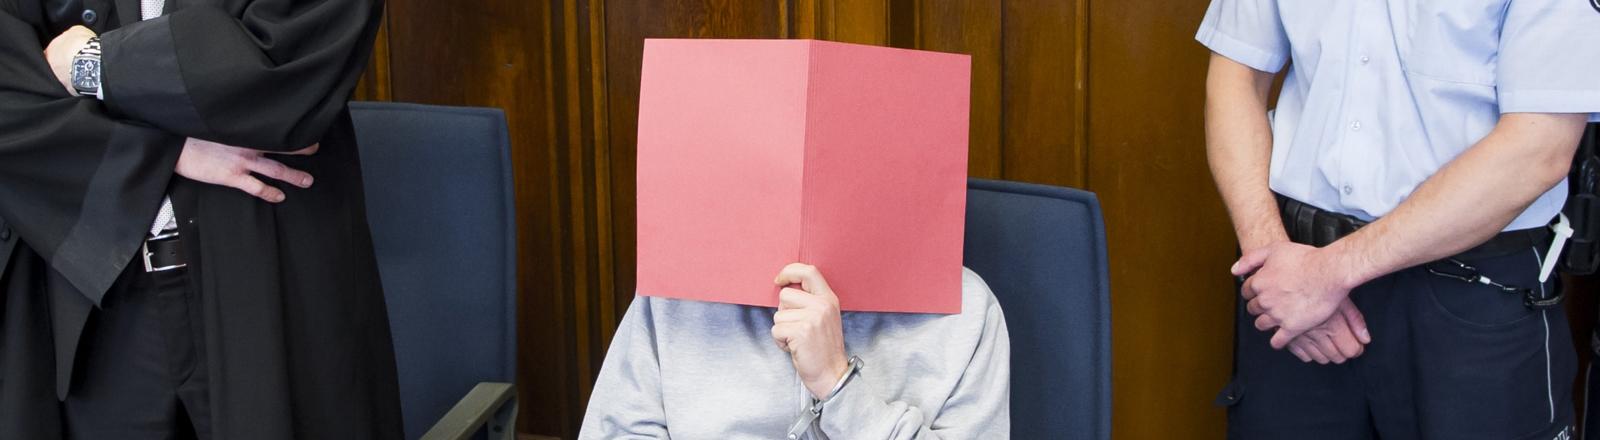 Ein Angeklagter wegen sexueller Übergriffe vor Gericht hält sich eine rote Mappe vor das Gesicht.